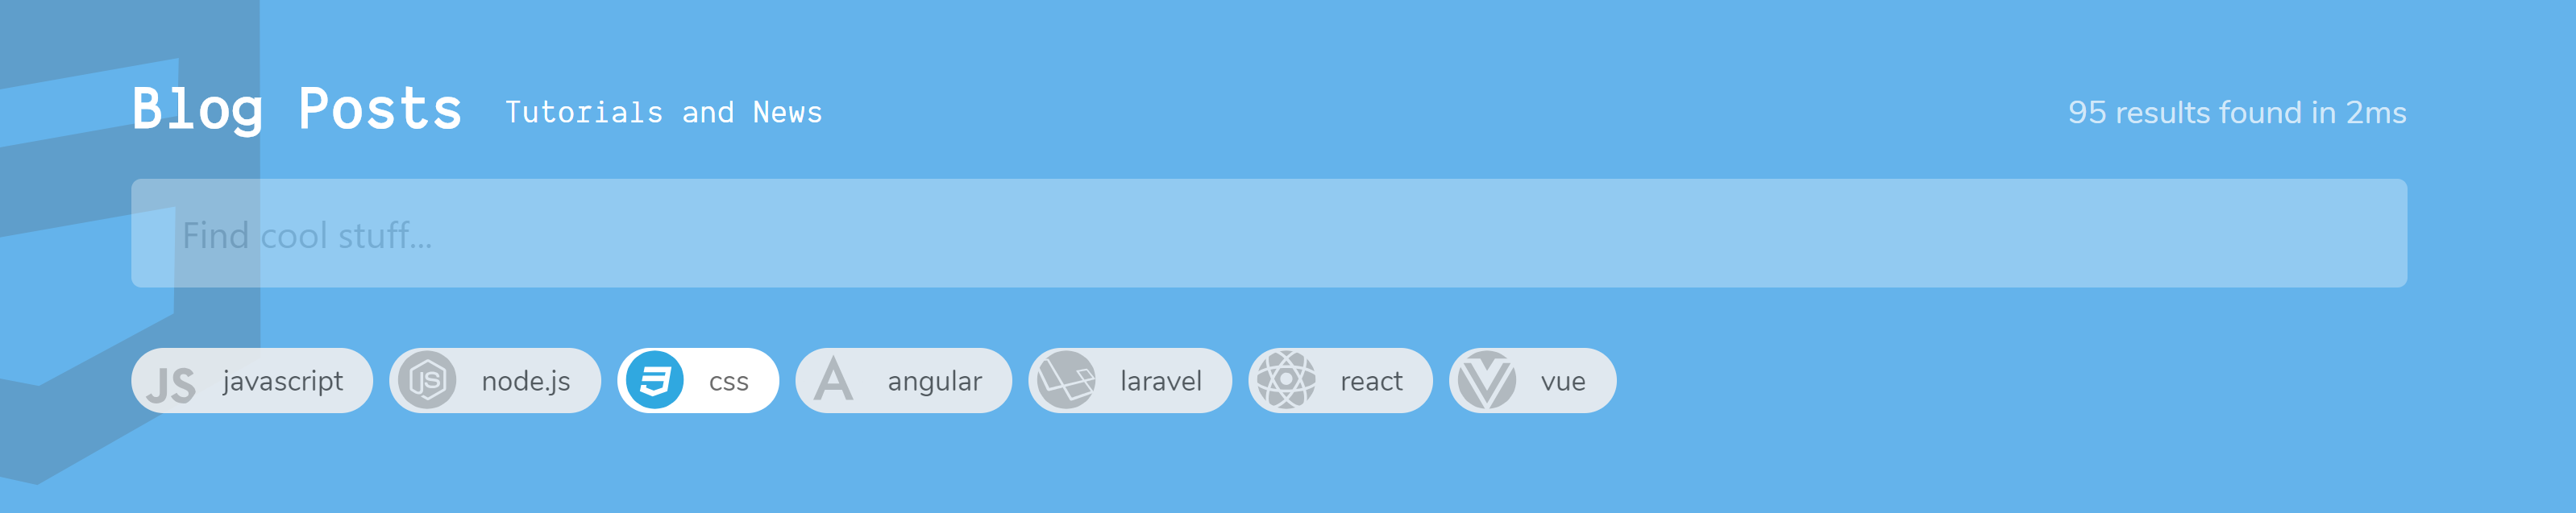 Теги снова фильтруются, но теперь с синим фоном